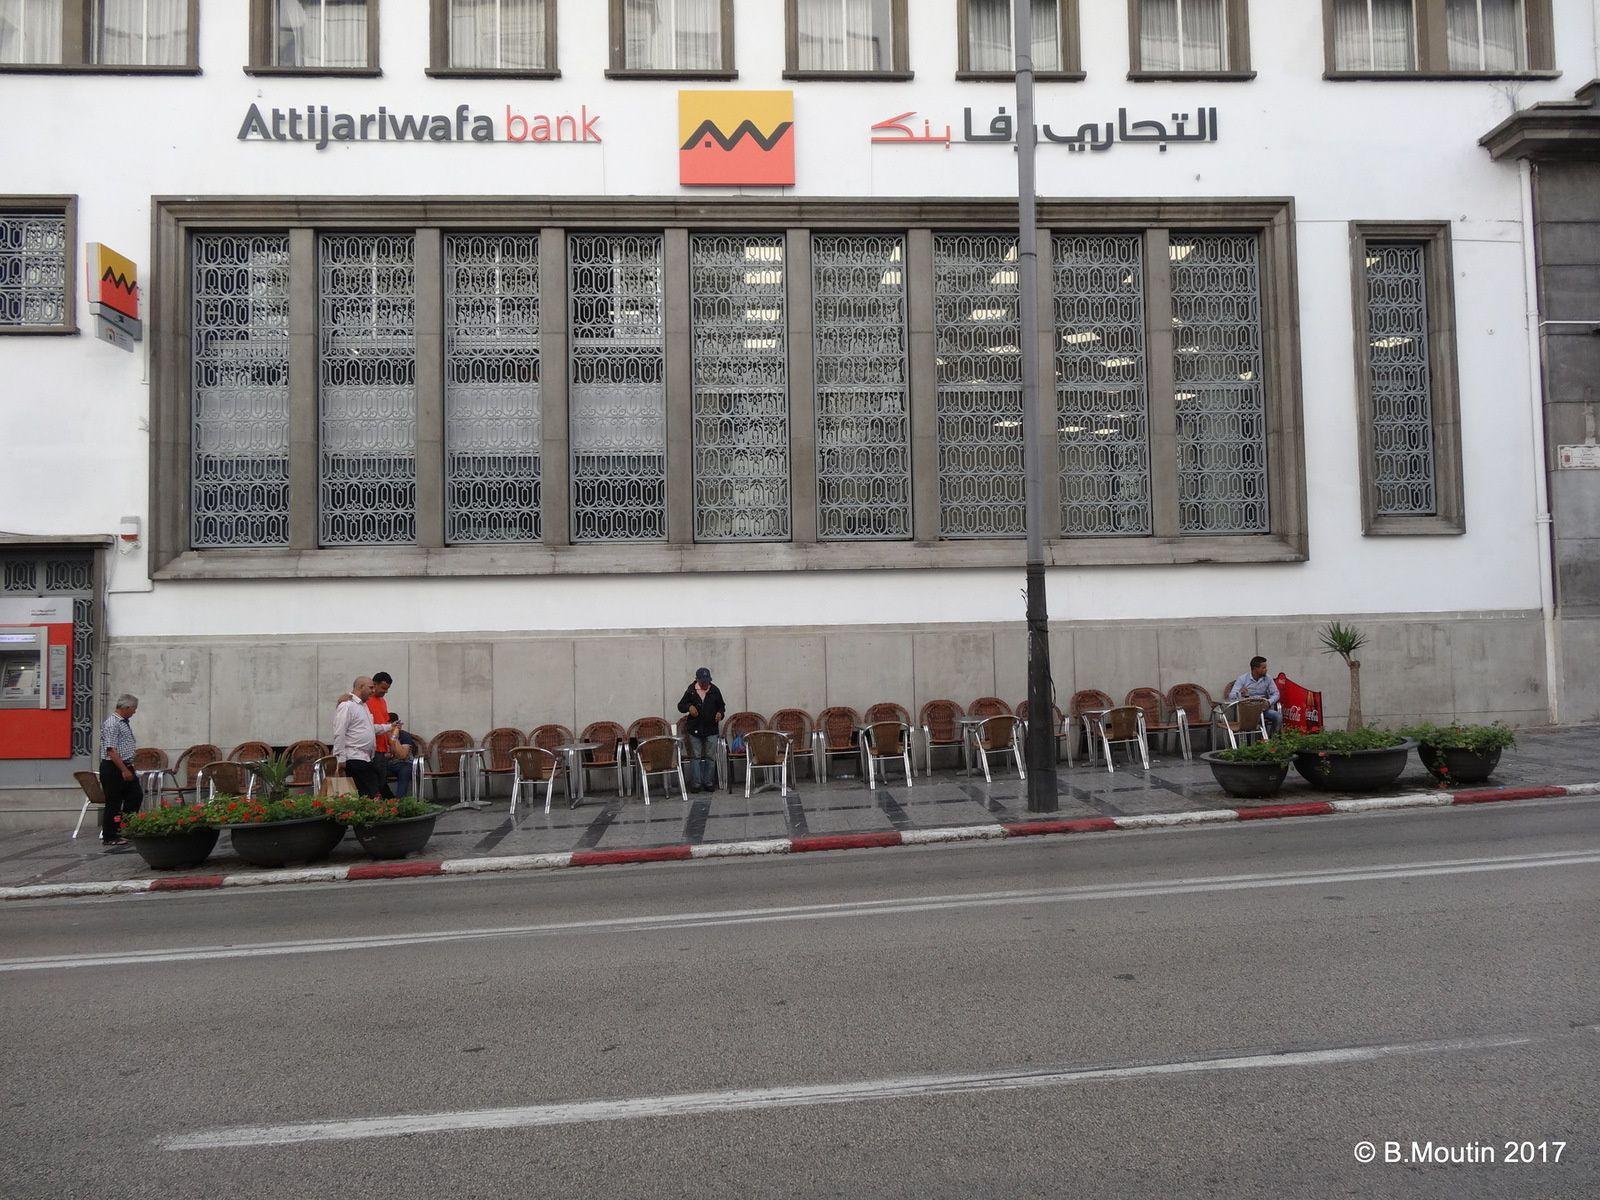 Café typique de Tanger avec alignement des chaises  le long du Boulevard